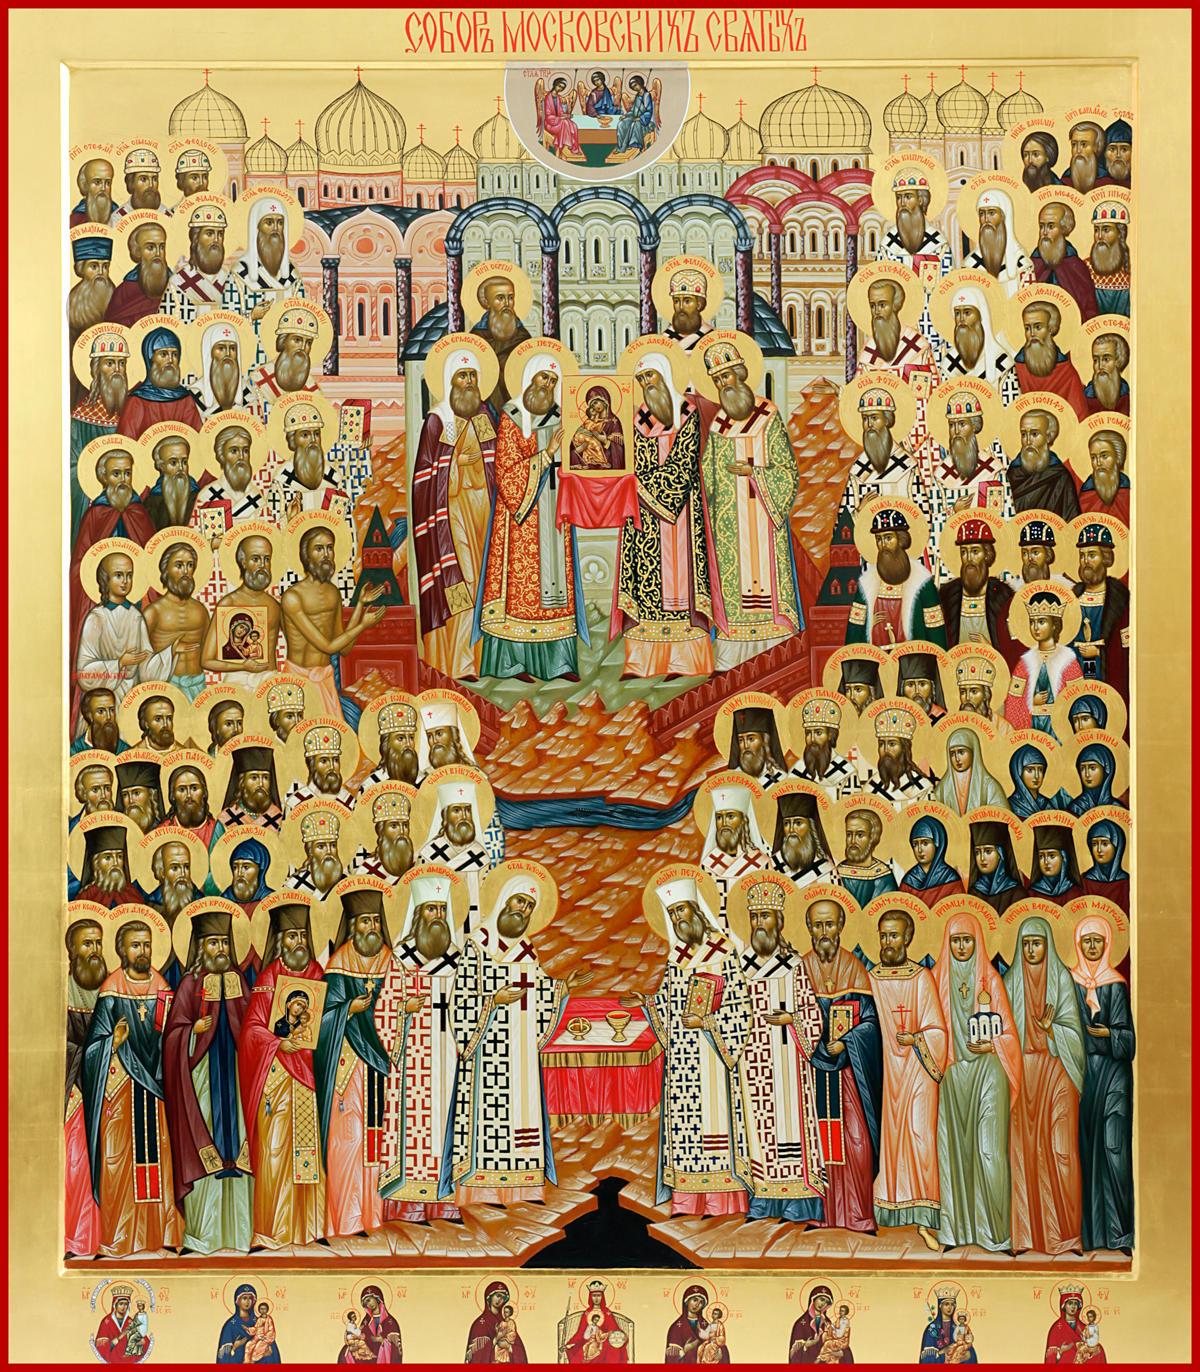 стала поздравление собора московских святых свободная энергия